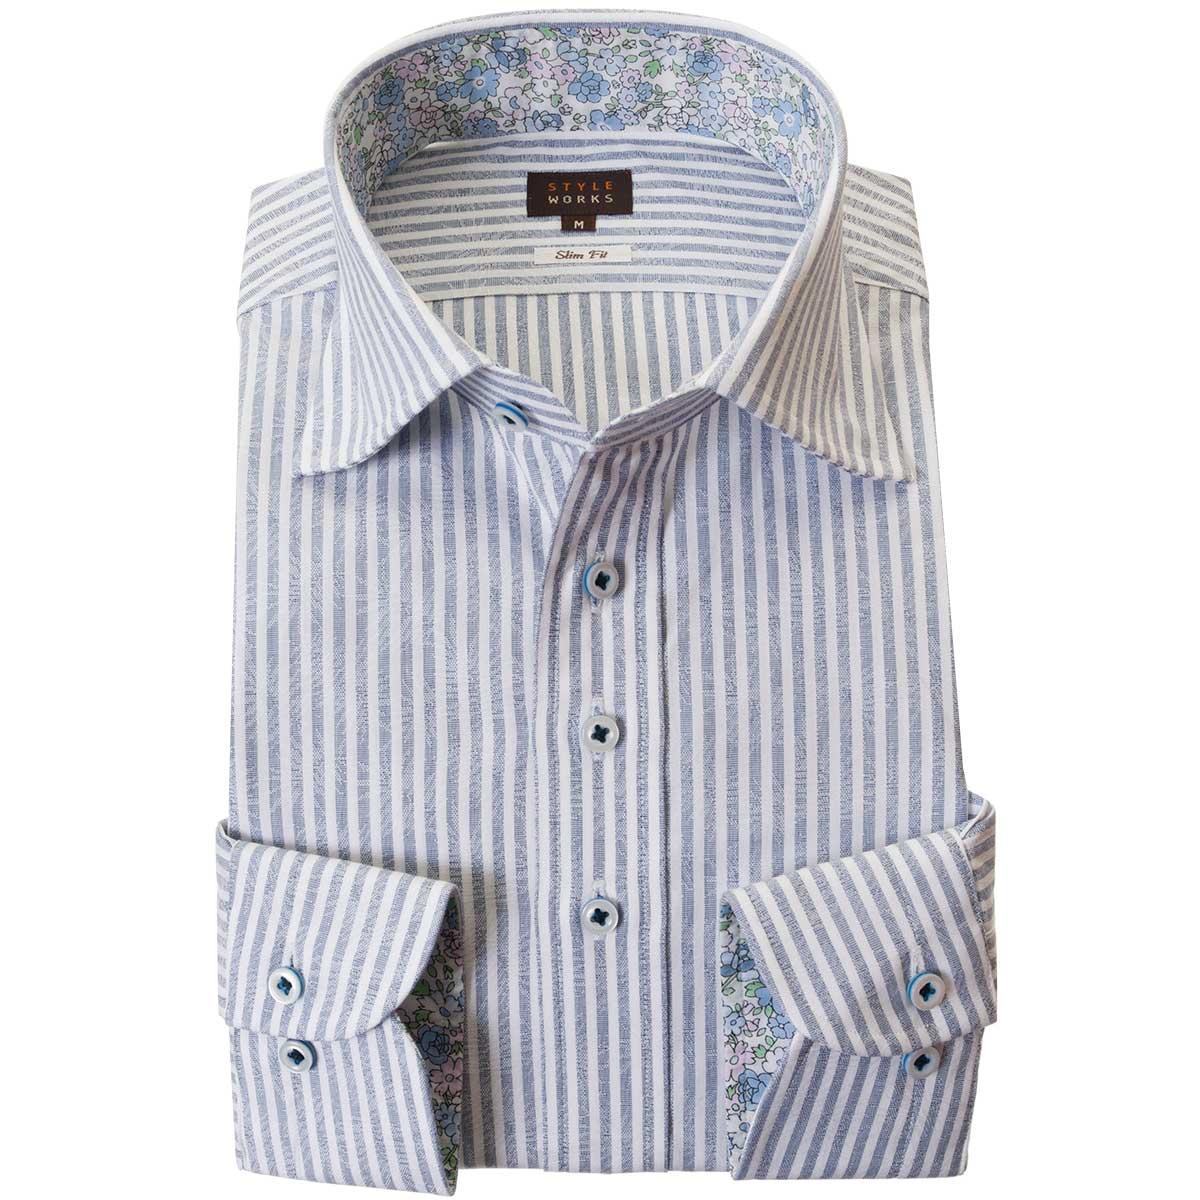 ドレスシャツ ワイシャツ シャツ メンズ 国産 長袖 綿100% スリムフィット 胸ポケット無 ワイドカラー ブルーロンドンストライプ&ジャガード織柄リーフ